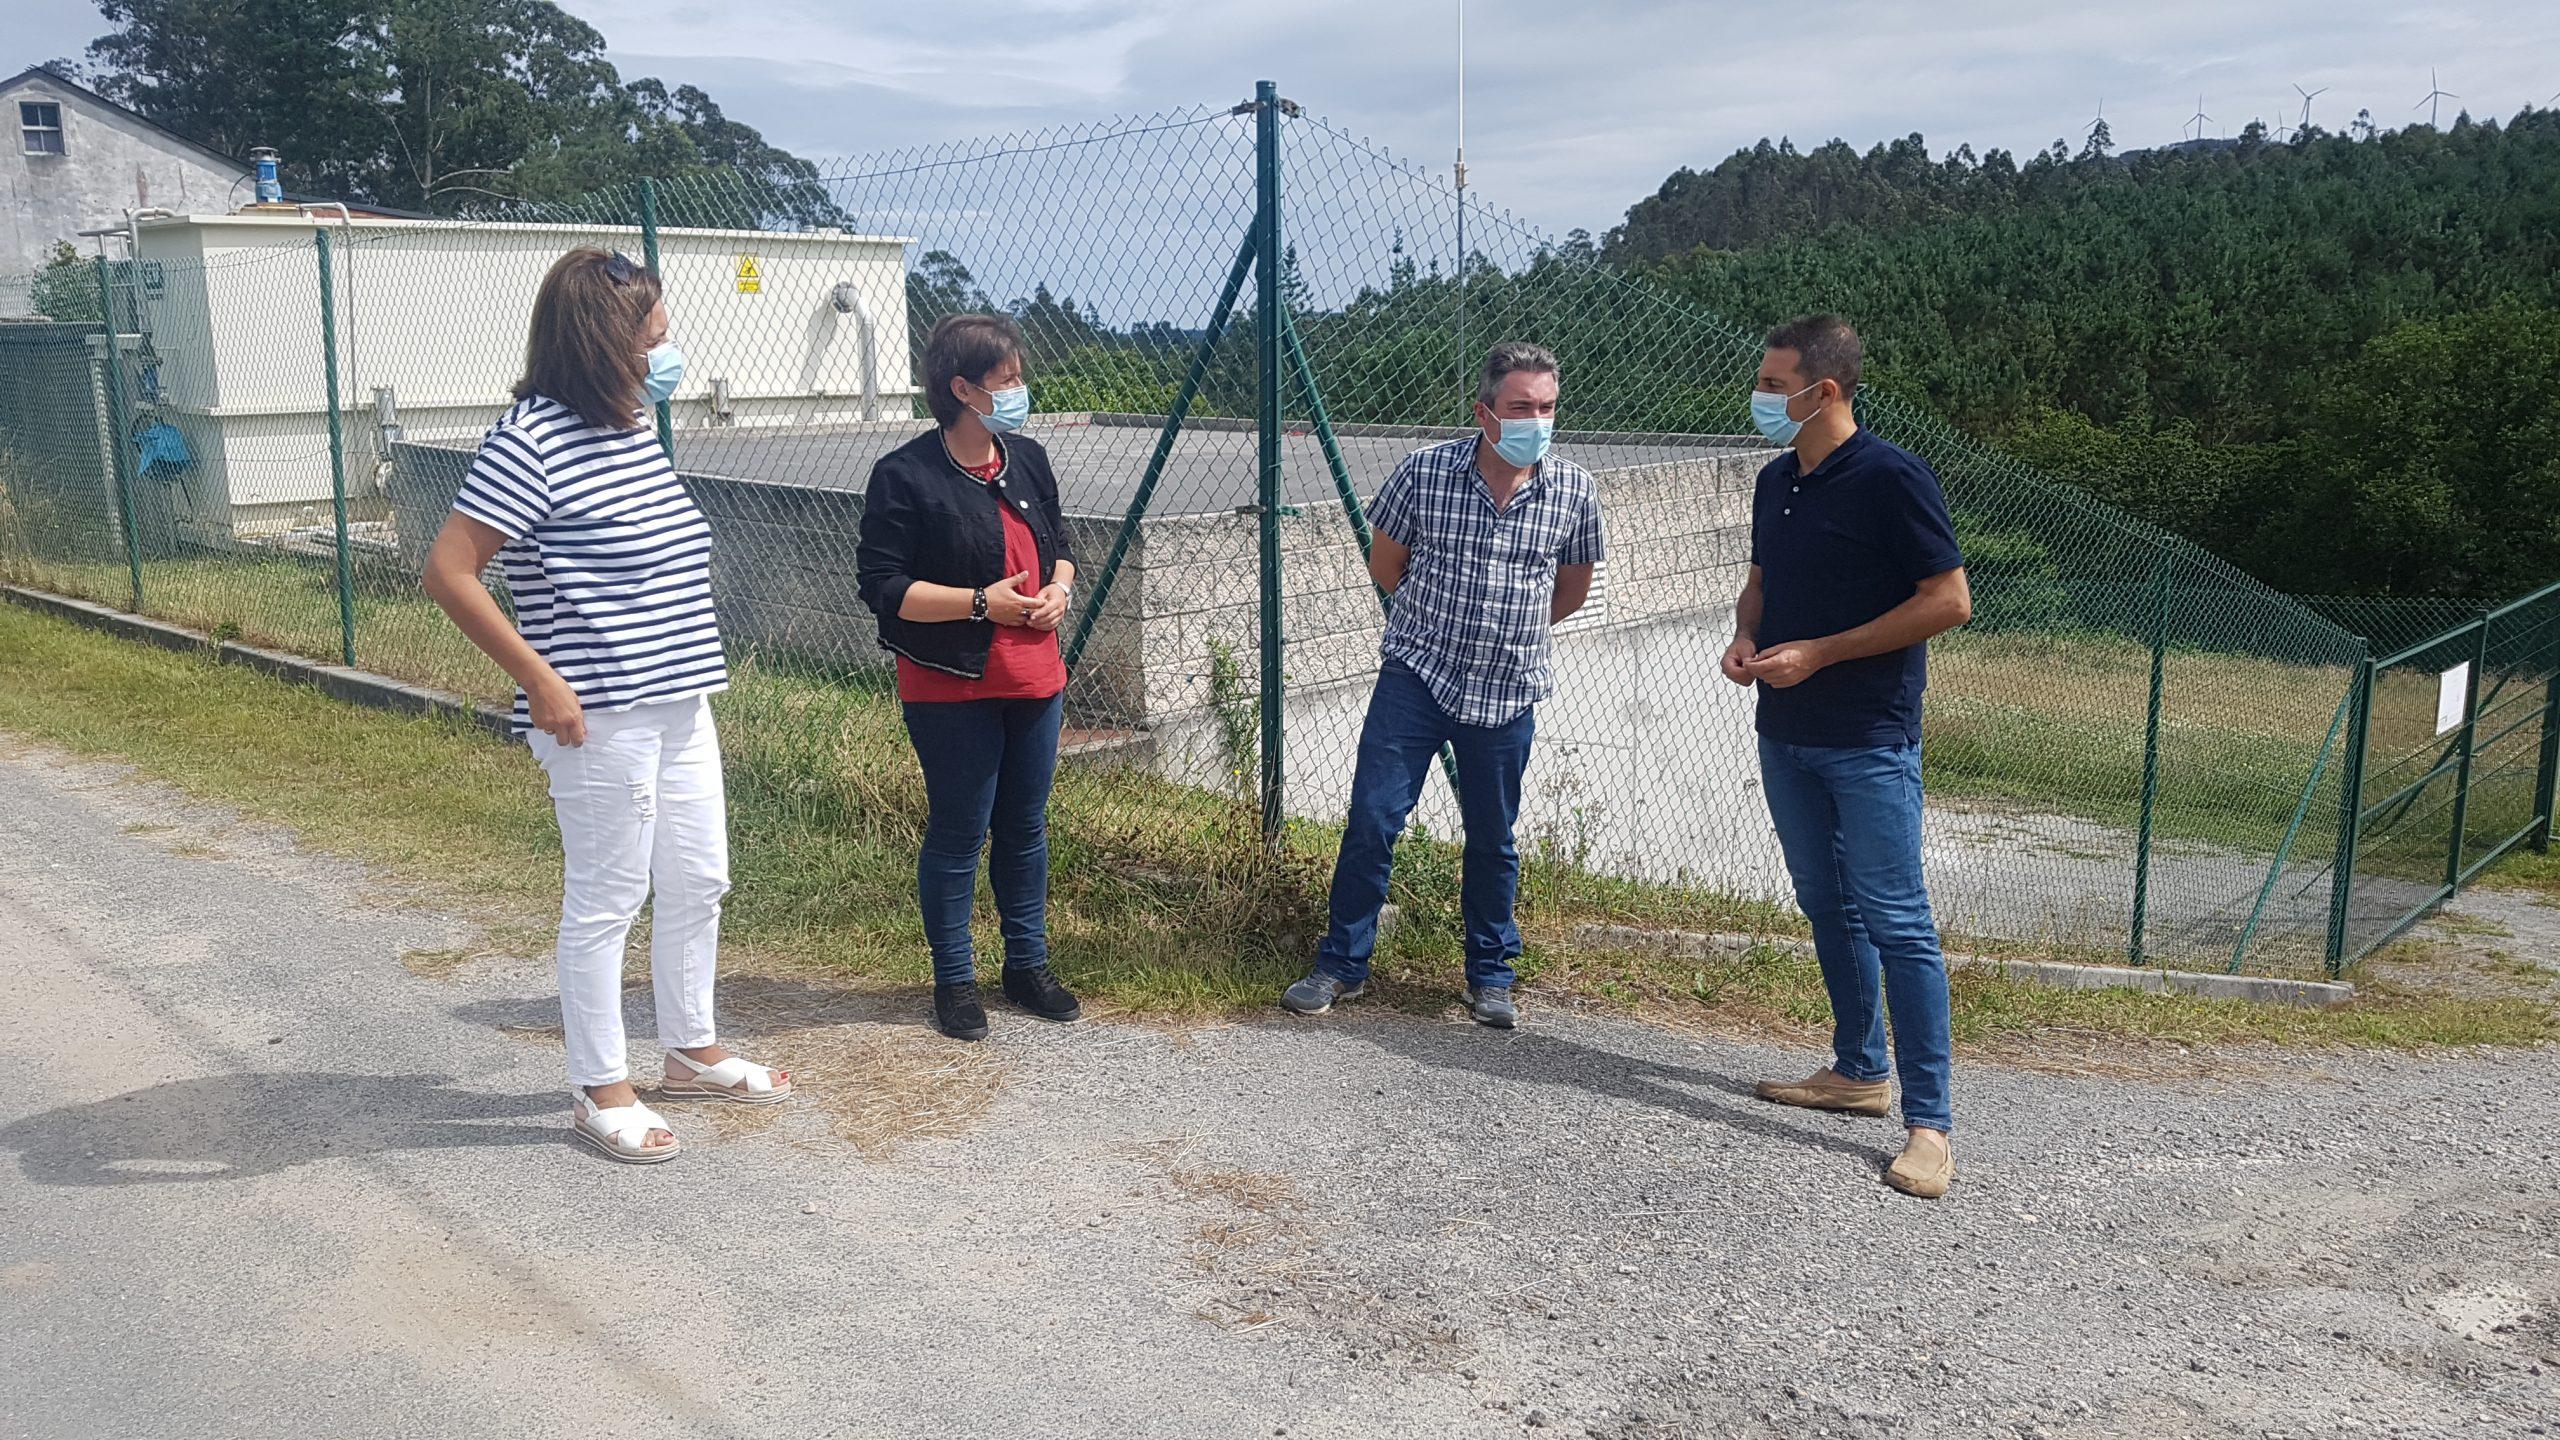 O Concello de Cervo acometerá traballos de mellora no depósito de auga potable de Rúa e asfaltará a pista que leva á caseta dos cazadores